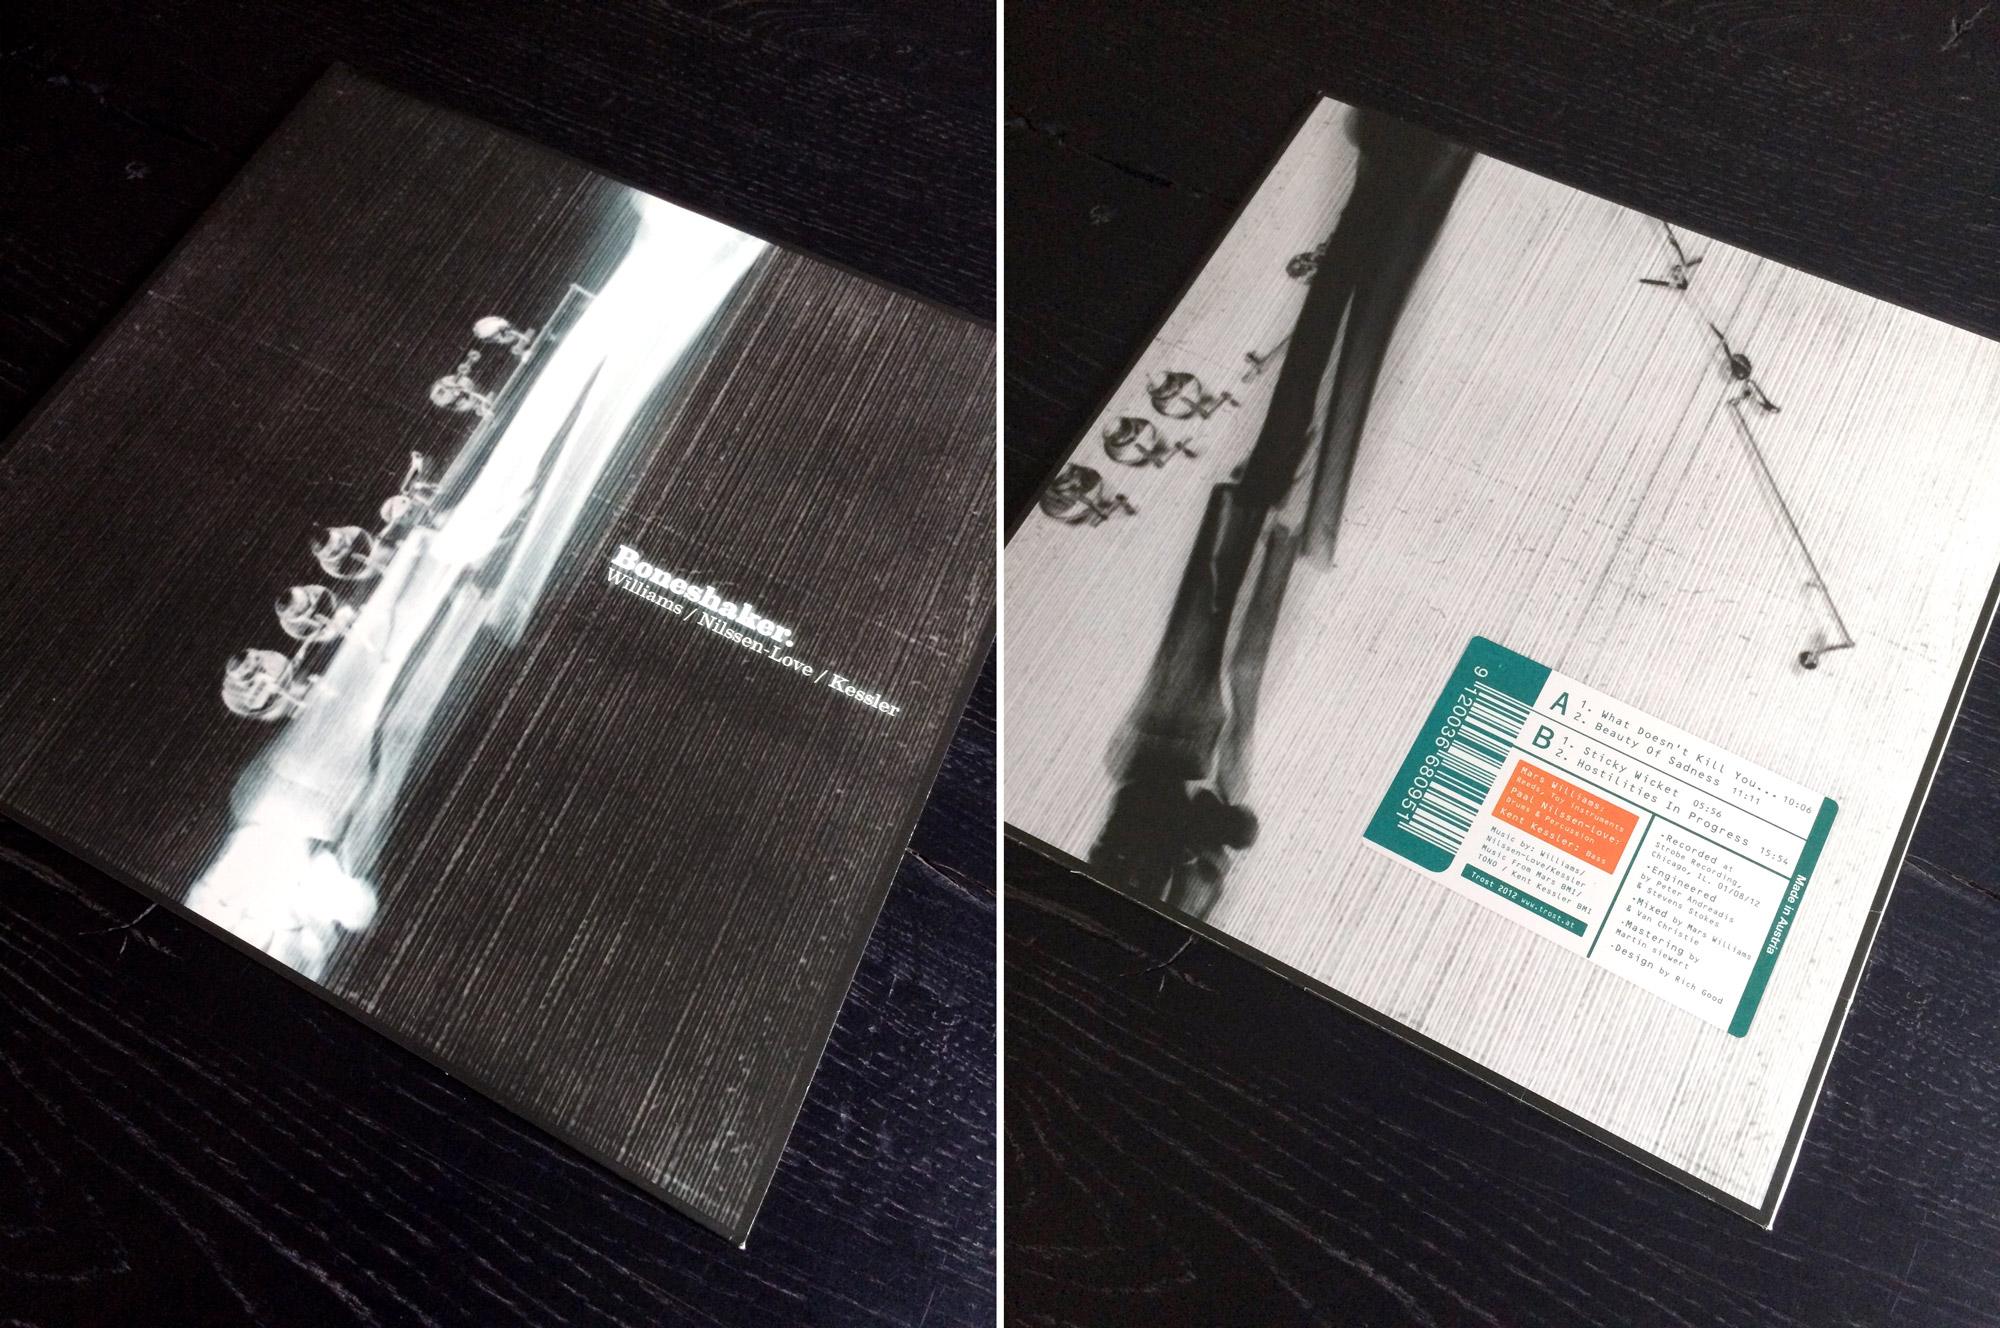 Boneshaker_Vinyl_2000.jpg